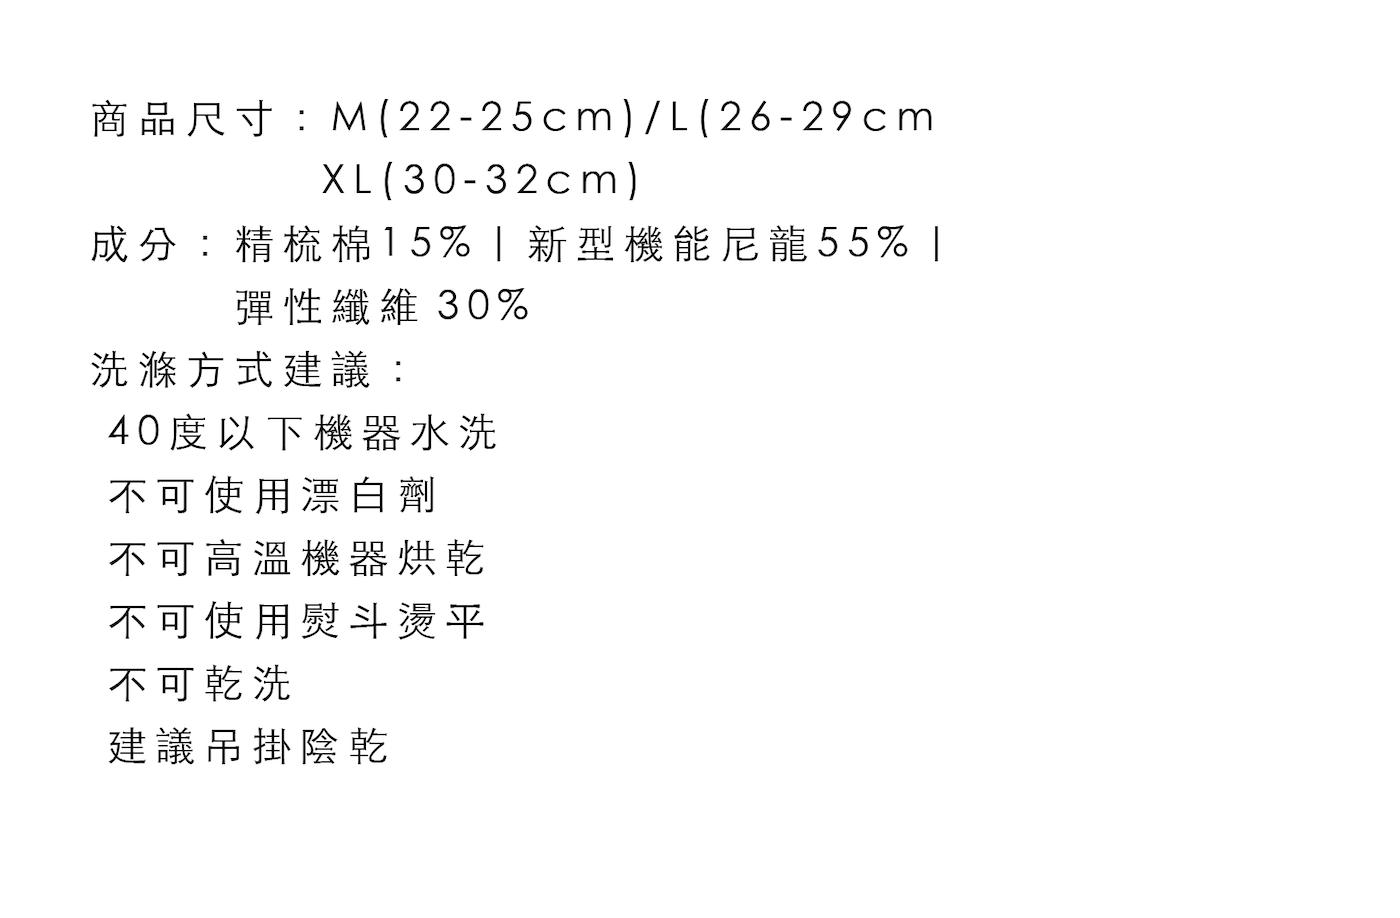 全方位空戰系列襪子尺寸規格圖